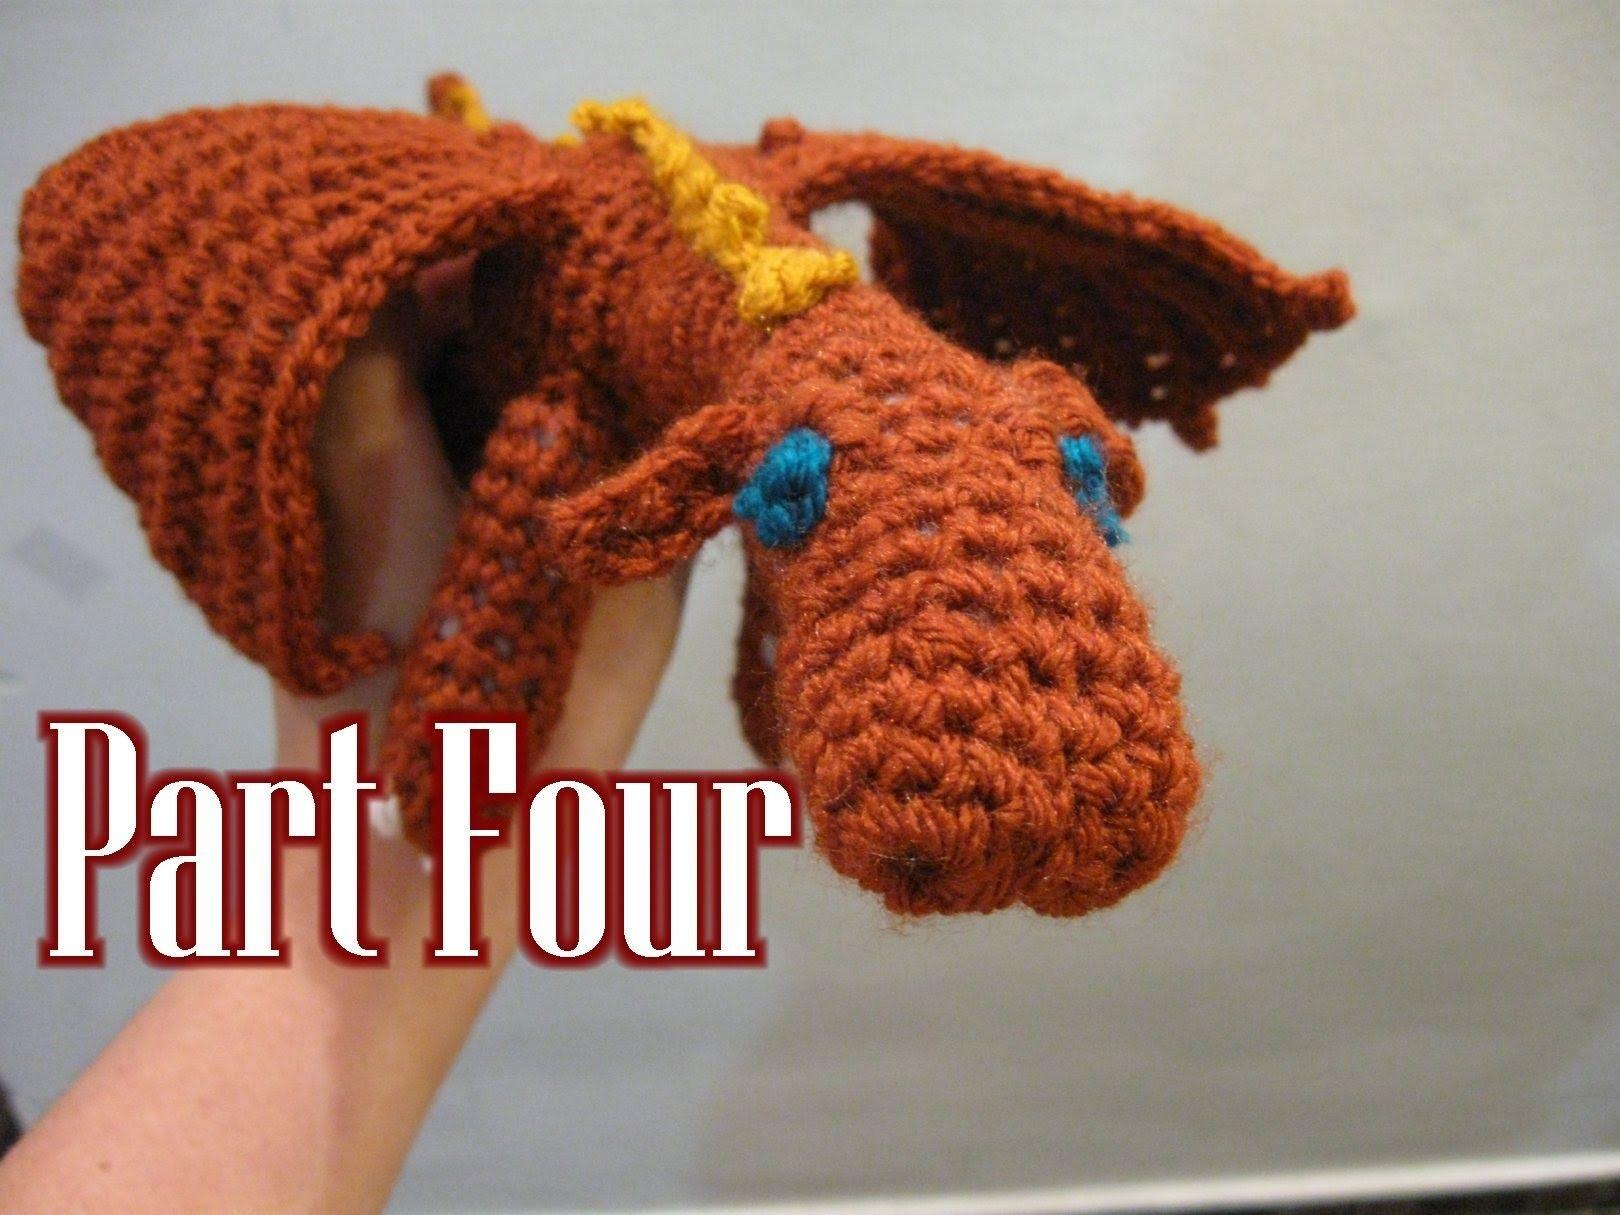 Amigurumi Tutorial Portugues : Crochet Amigurumi Fierce Dragon Tutorial pt 4 Amigurumi ...